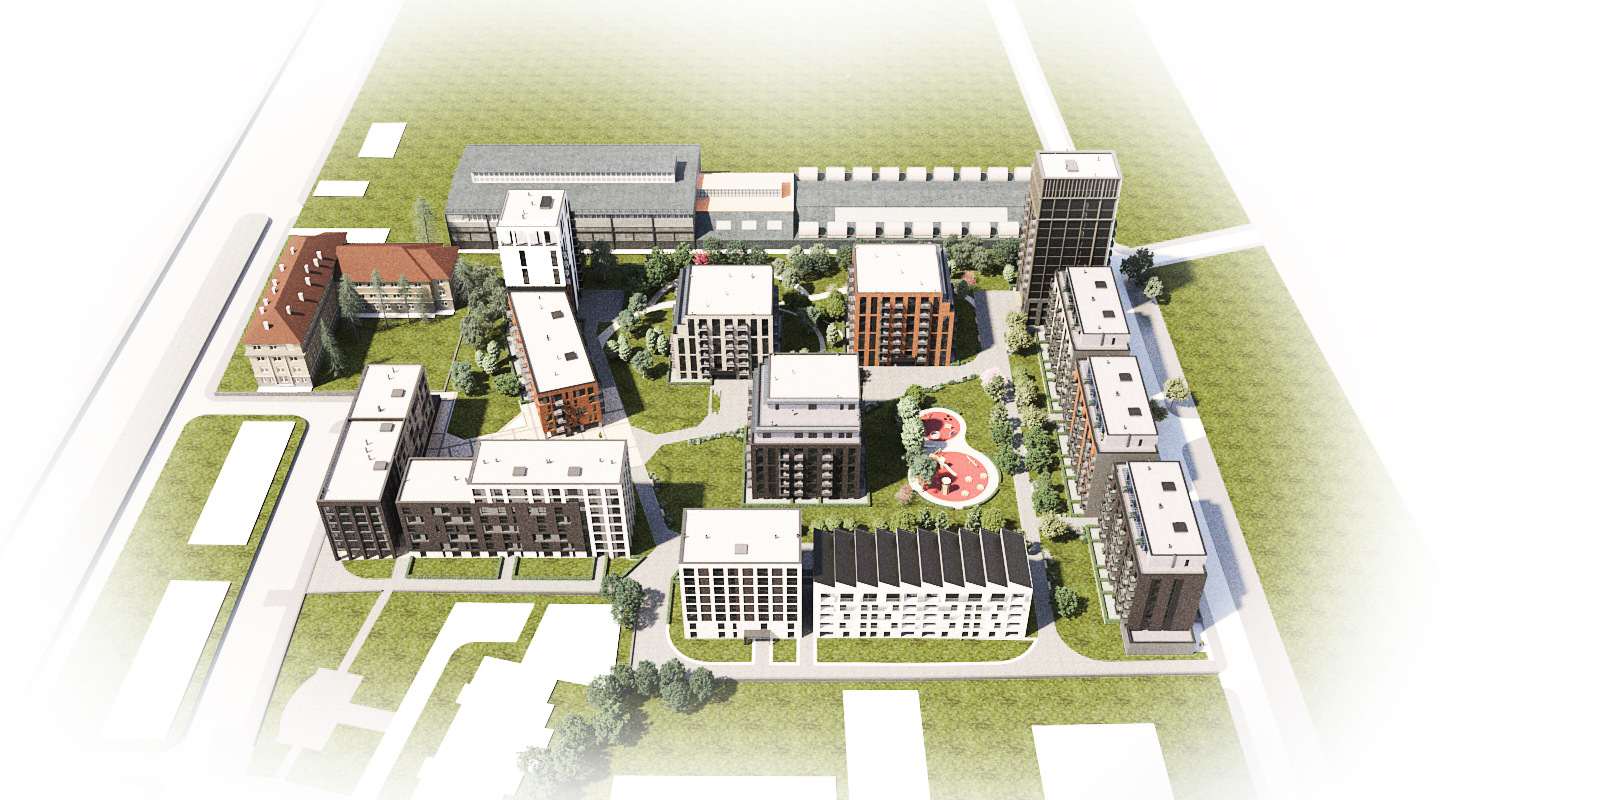 Генерален план: Комплекс Nove Homes в Красно село - 14 сгради с апартаменти и офиси